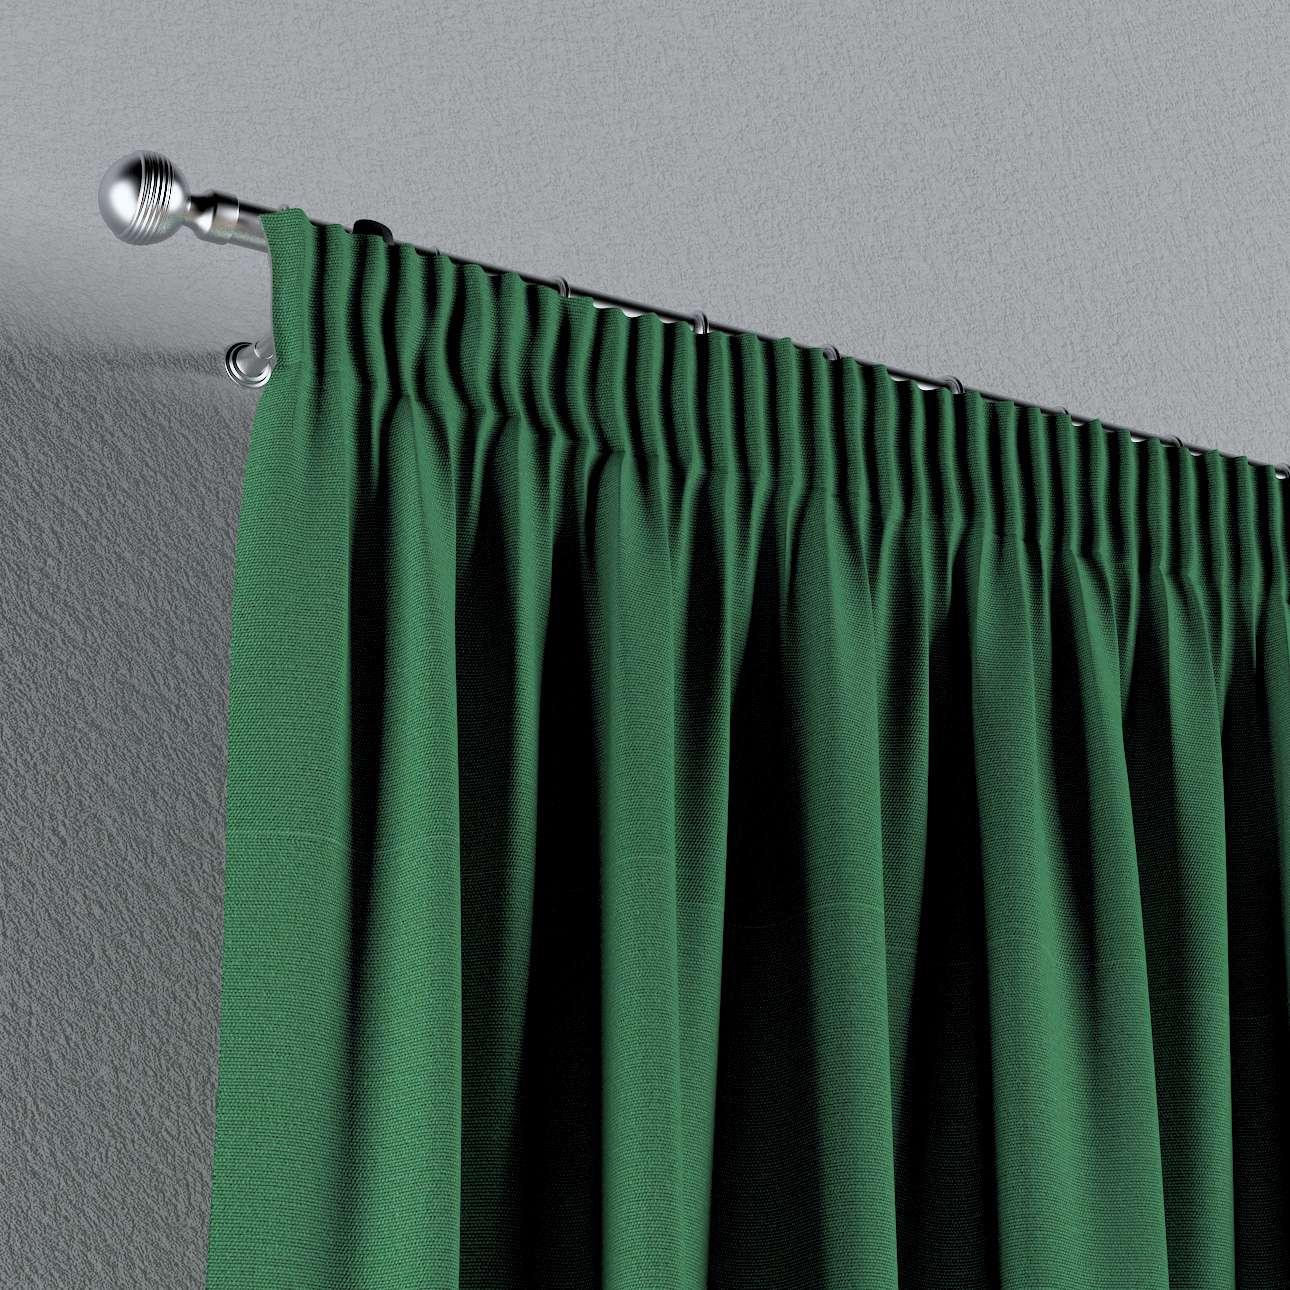 Vorhang mit Kräuselband 130 x 260 cm von der Kollektion Loneta, Stoff: 133-18